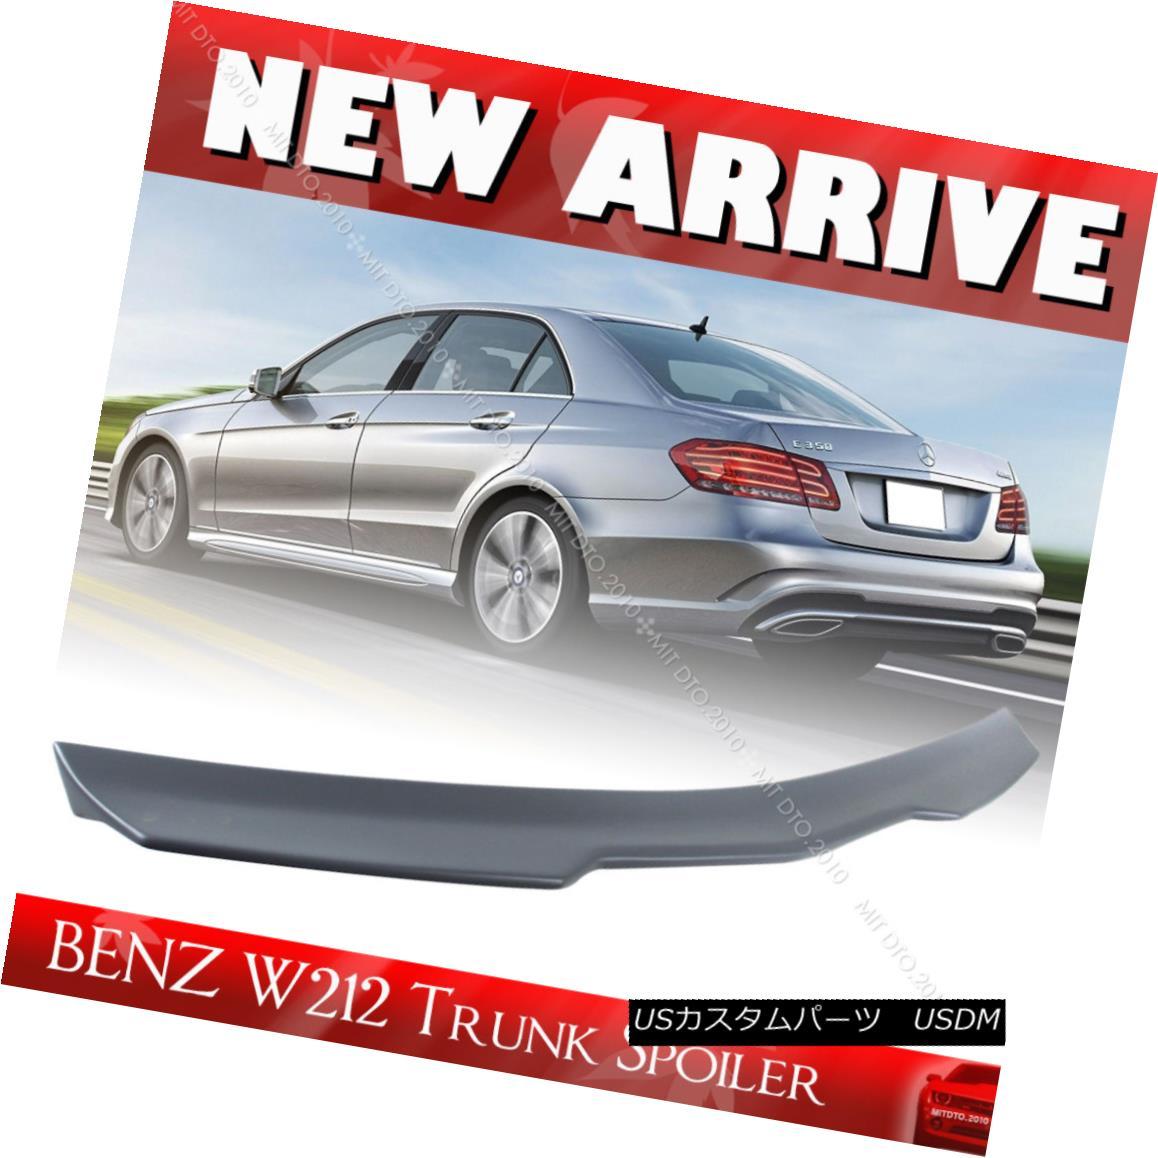 エアロパーツ Painted Color Mercedes BENZ E W212 Sedan V Style Trunk Spoiler E63AMG E400 2016 ペイントカラーメルセデスベンツE W212セダンVスタイルトランクスポイラーE63AMG E400 2016